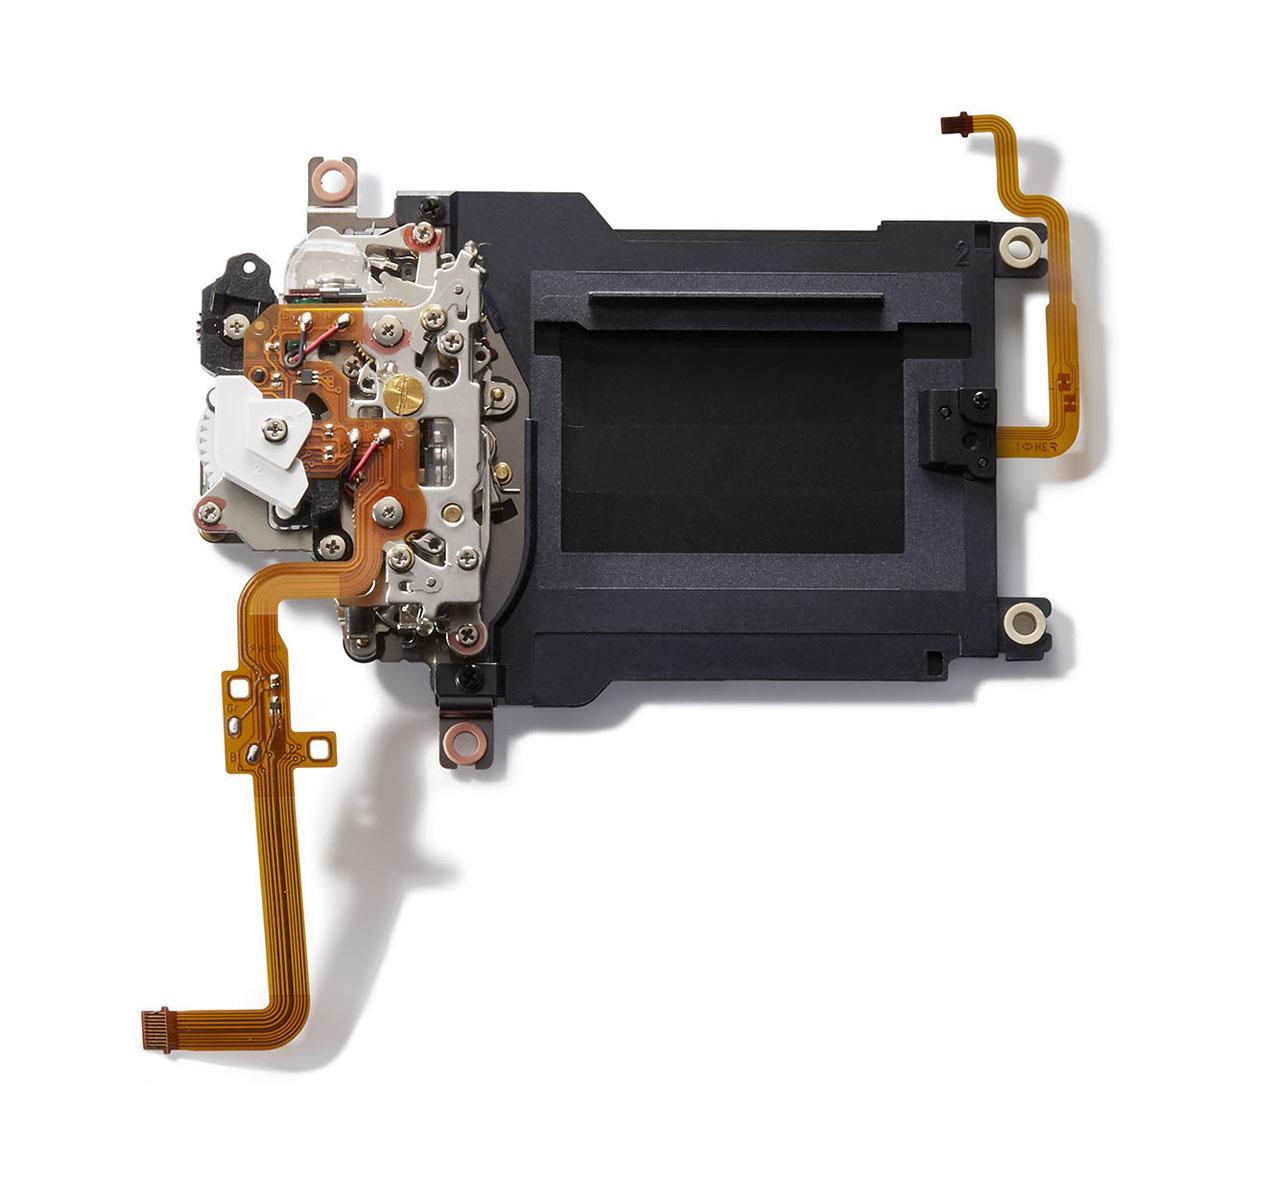 画像: ▲ニコンのデジタル一眼レフカメラでは初のシャッターカウンターバランサーを搭載。シャッターユニットはカメラに実装された状態で約20万回に及ぶテストをクリアしている。